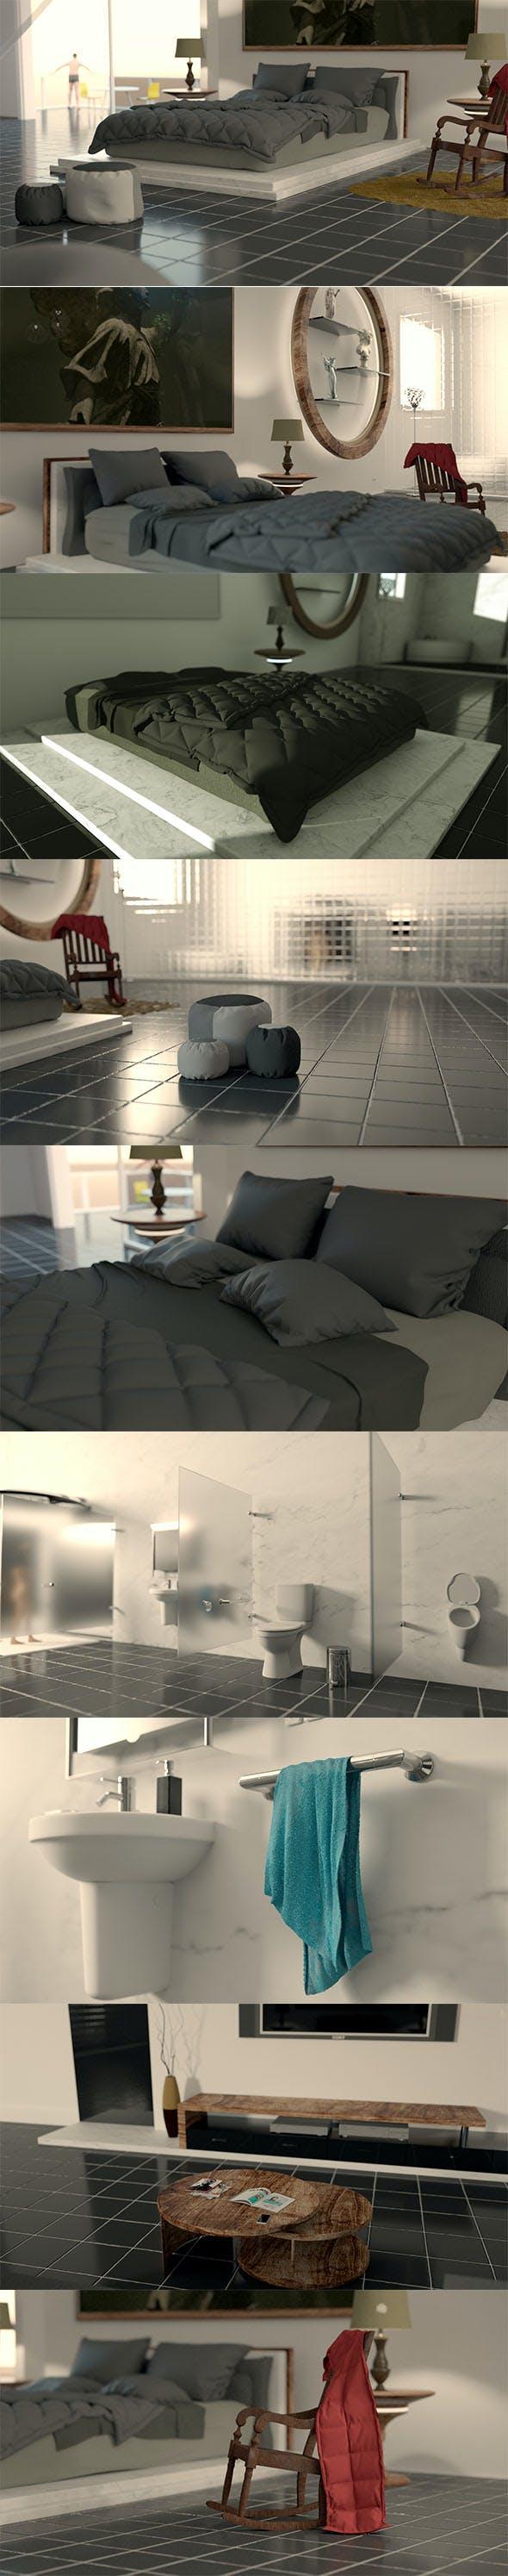 Hotel Bedroom - Cinema 4D - Octane 3.07-R2 - 3DOcean Item for Sale